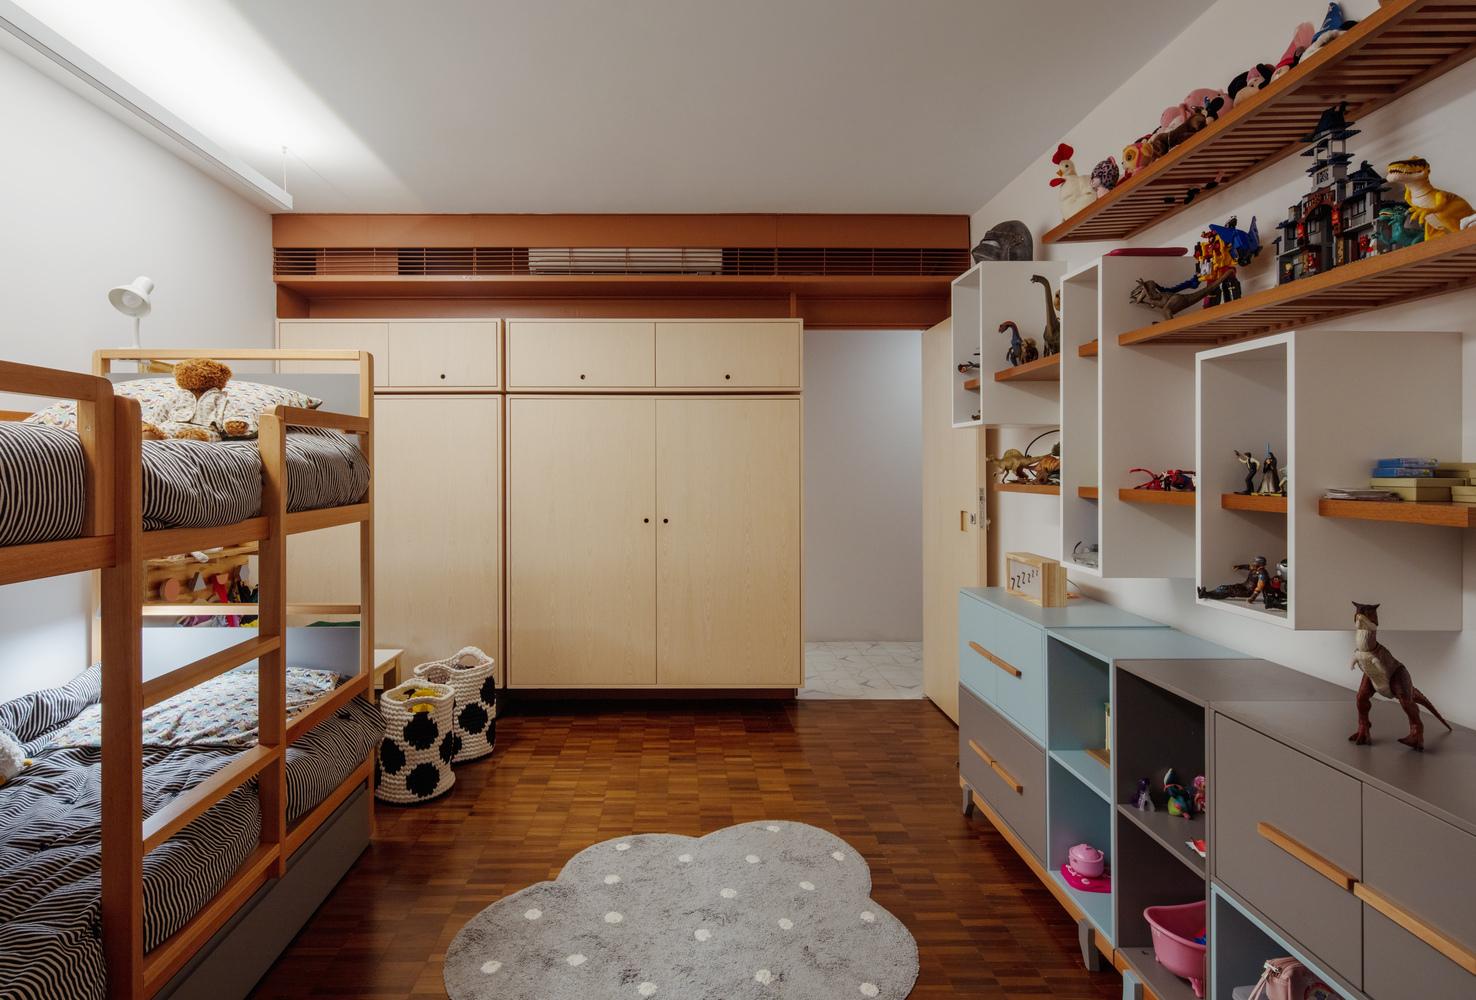 Dormitorios para niños: Cómo diseñar un entorno saludable para el sueño,Apartamento AMRA7 / Piratininga Arquitetos Associados + Bruno Rossi Arquitetos. Image © Nelson Kon